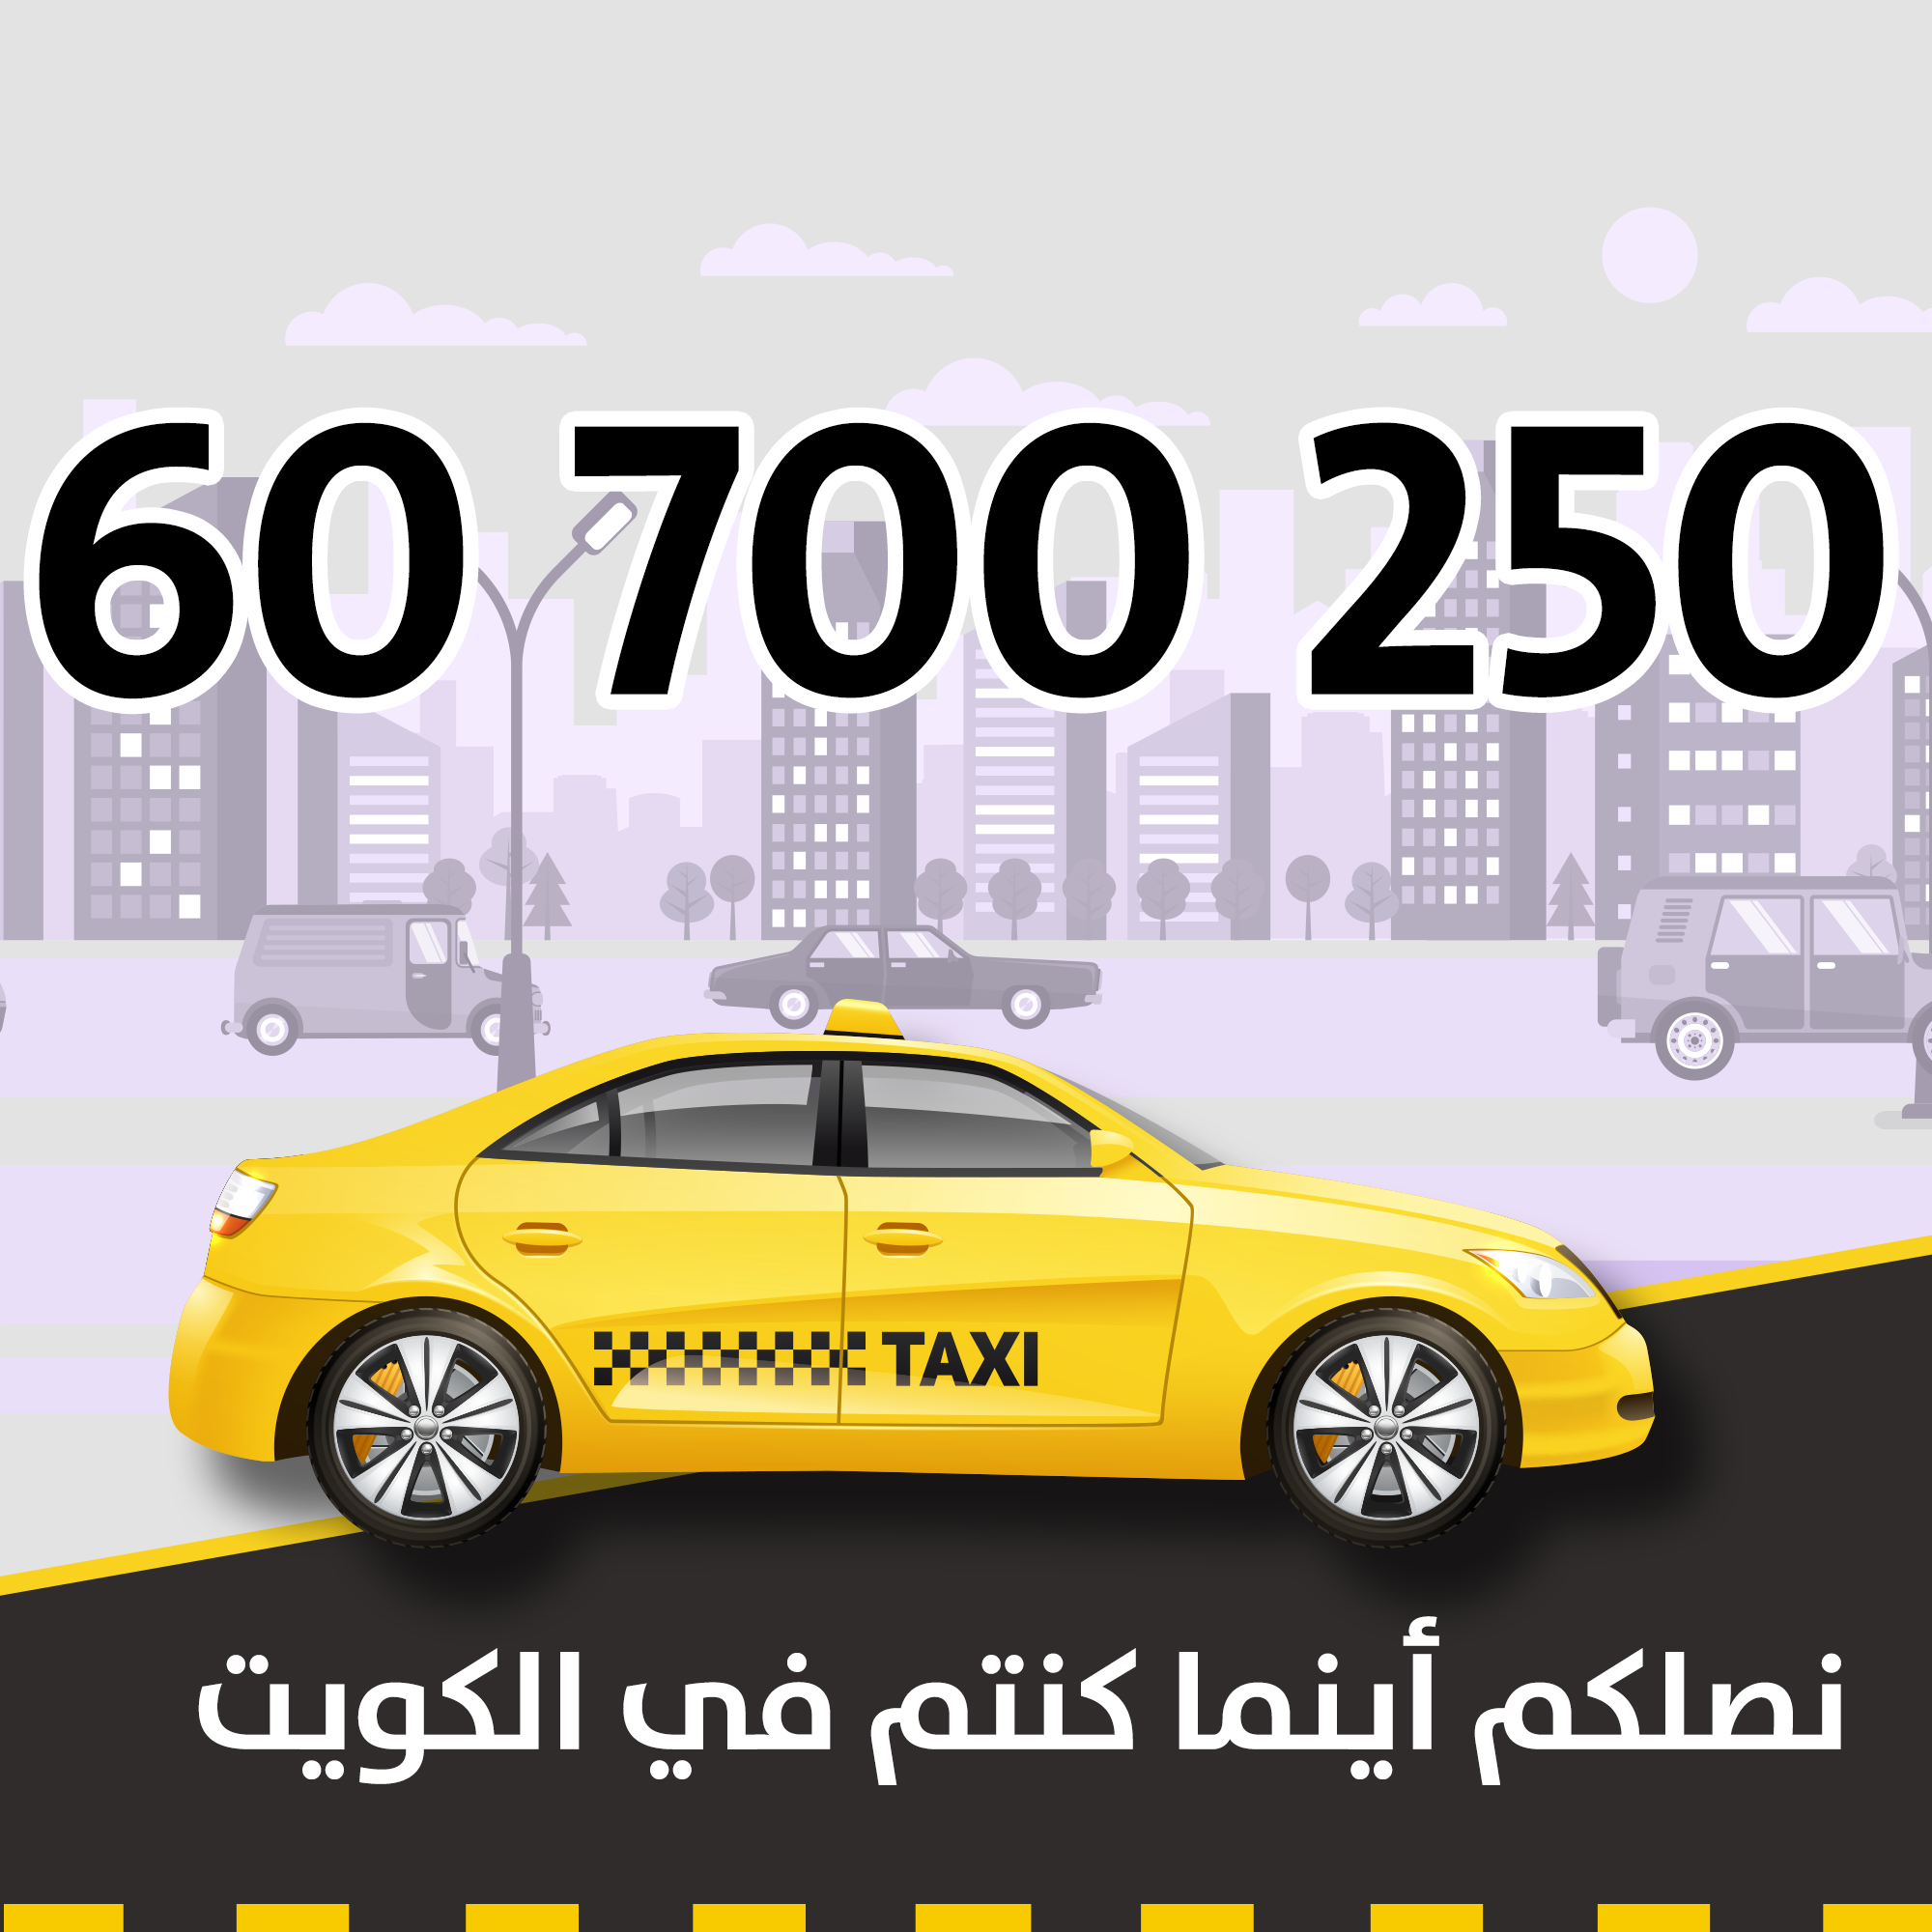 تاكسي توصيلة في شارع الخنساء